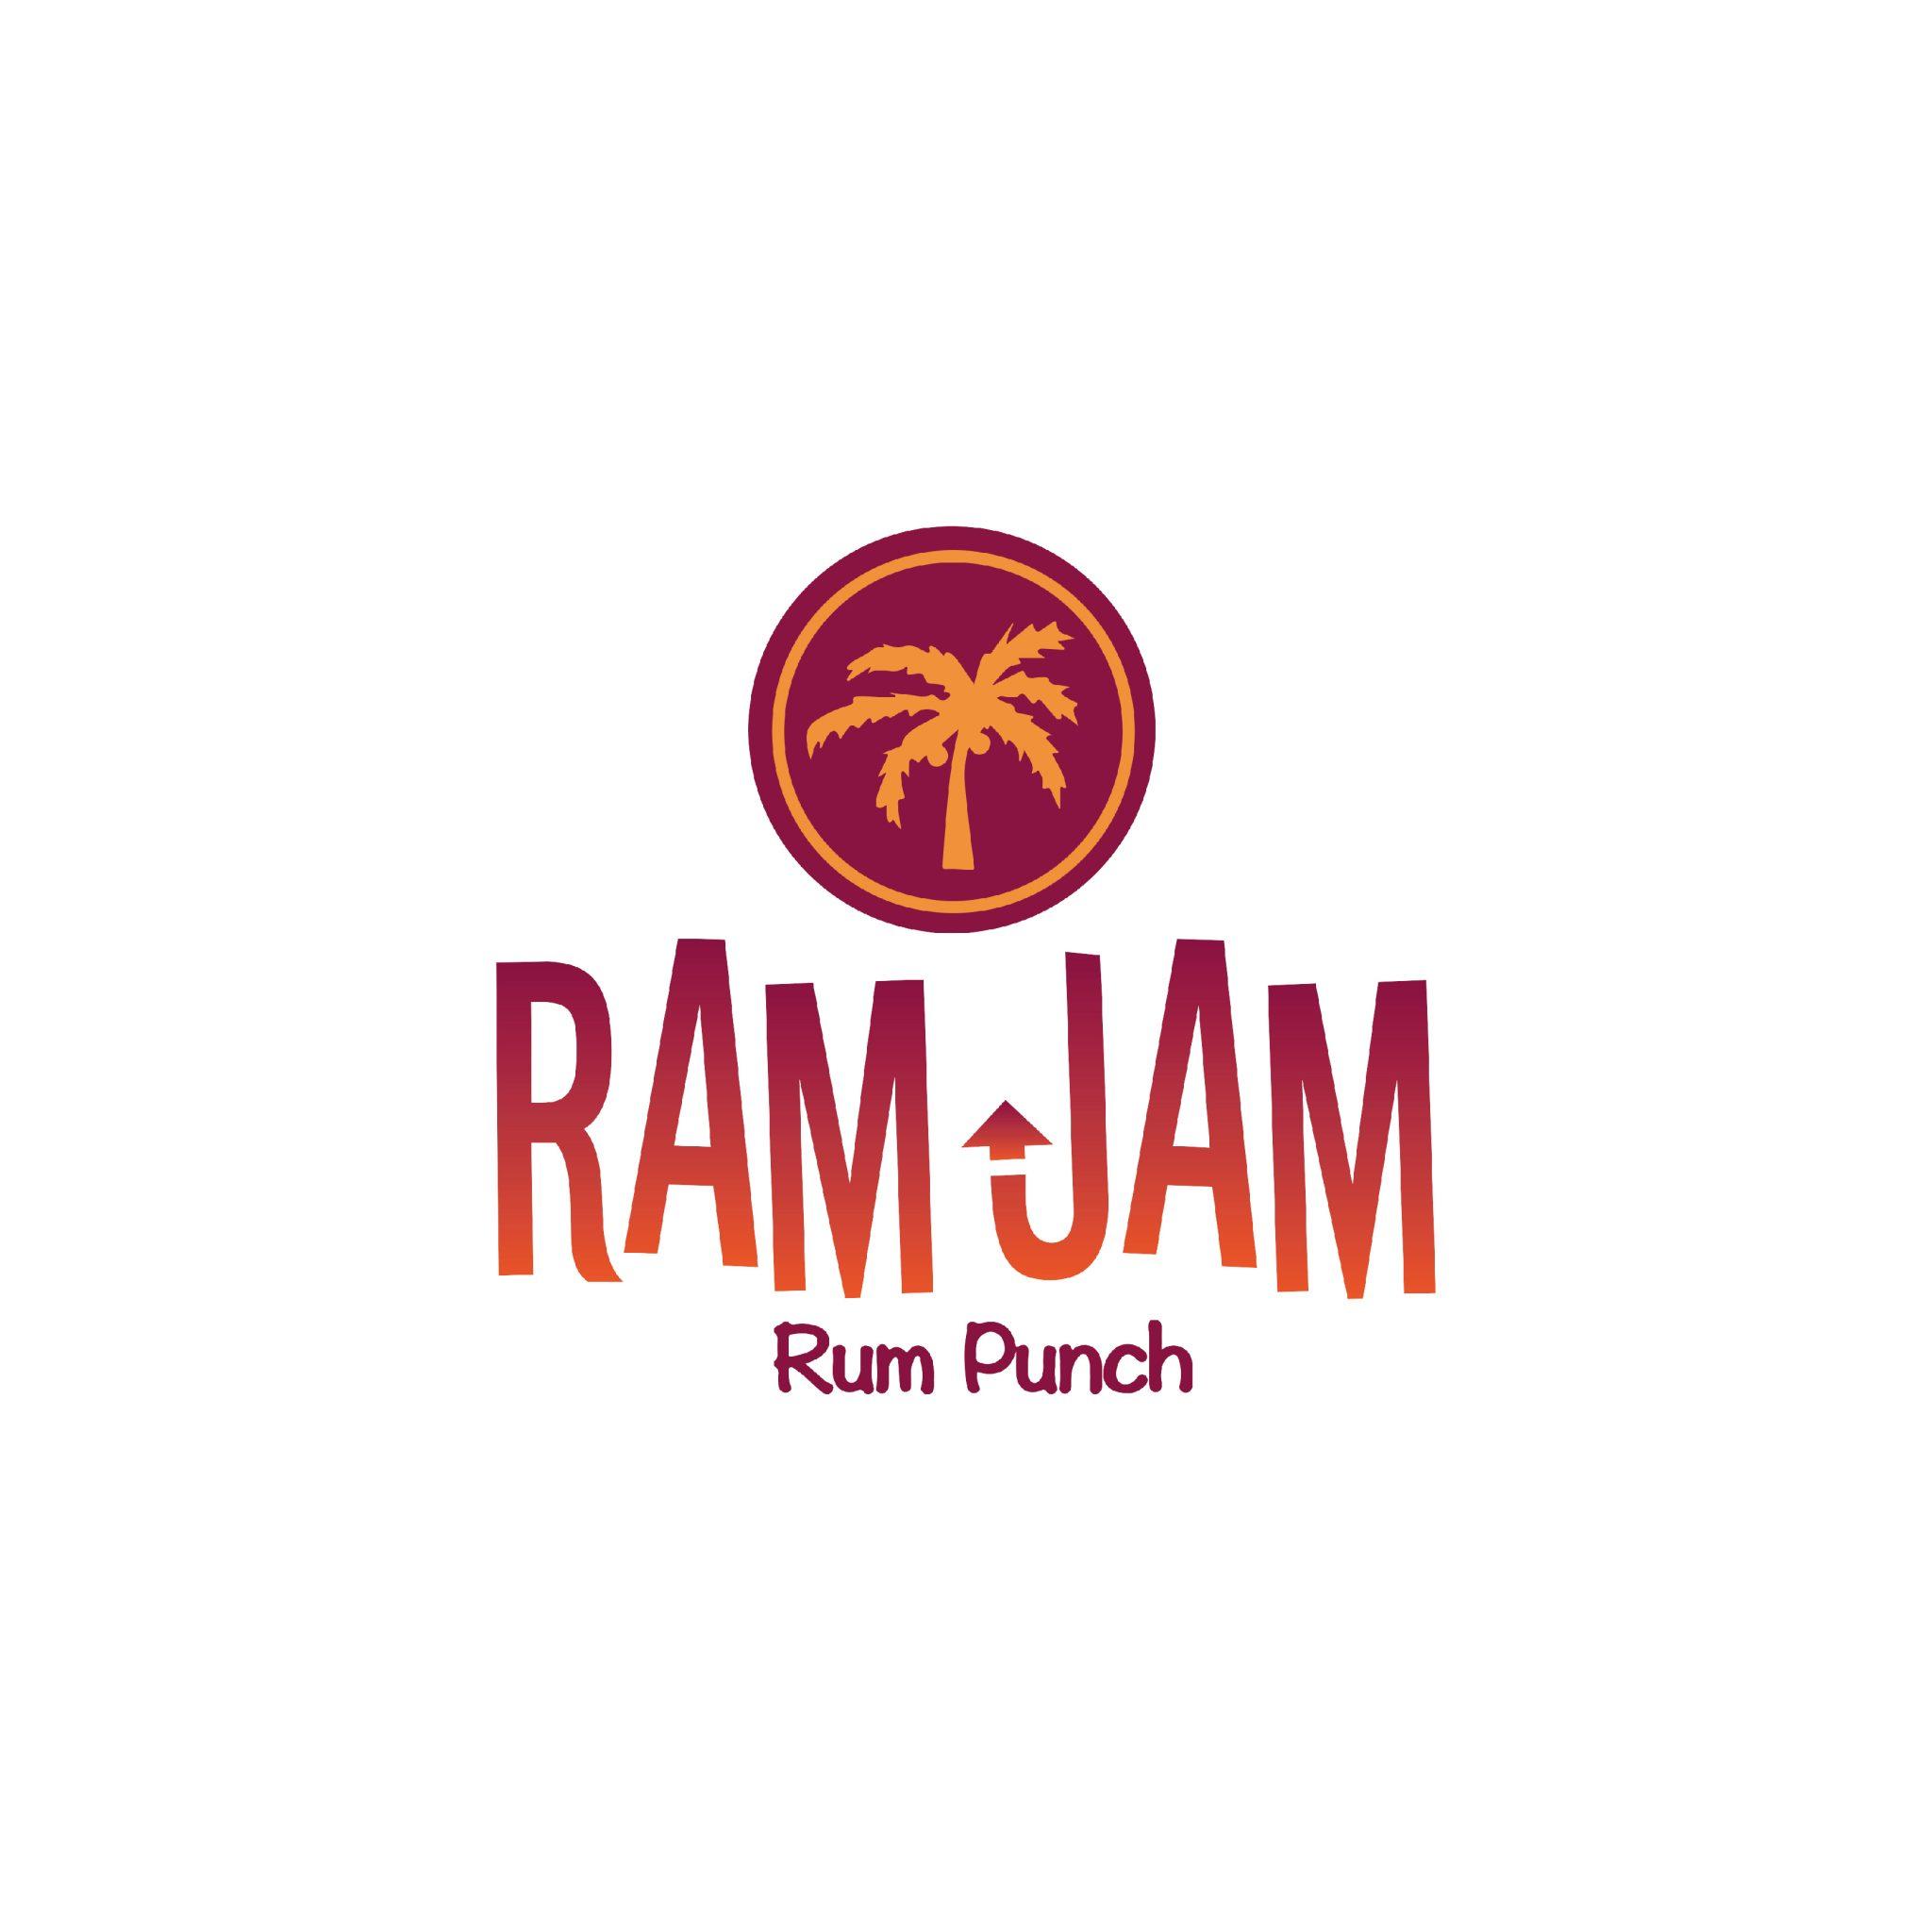 Ram Jam Rum Punch